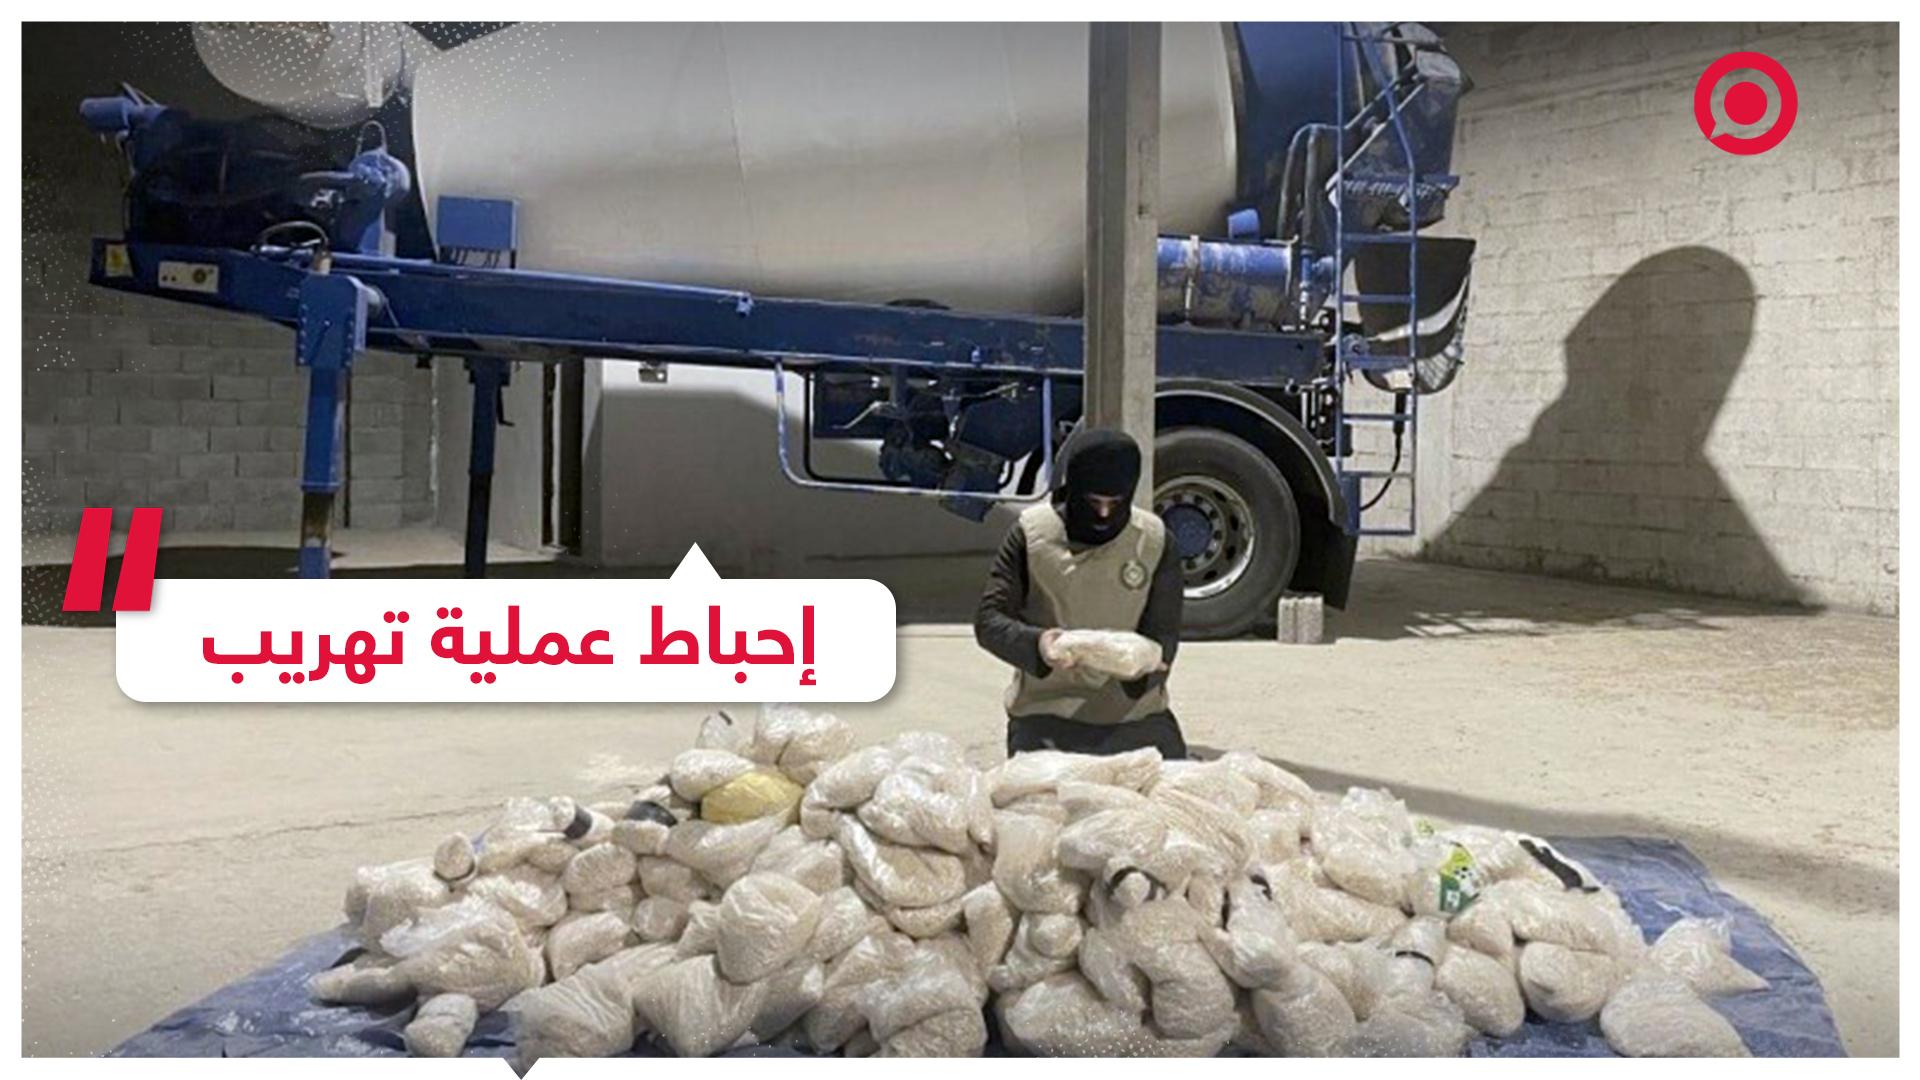 السلطات السعودية تحبط عملية تهريب مخدرات